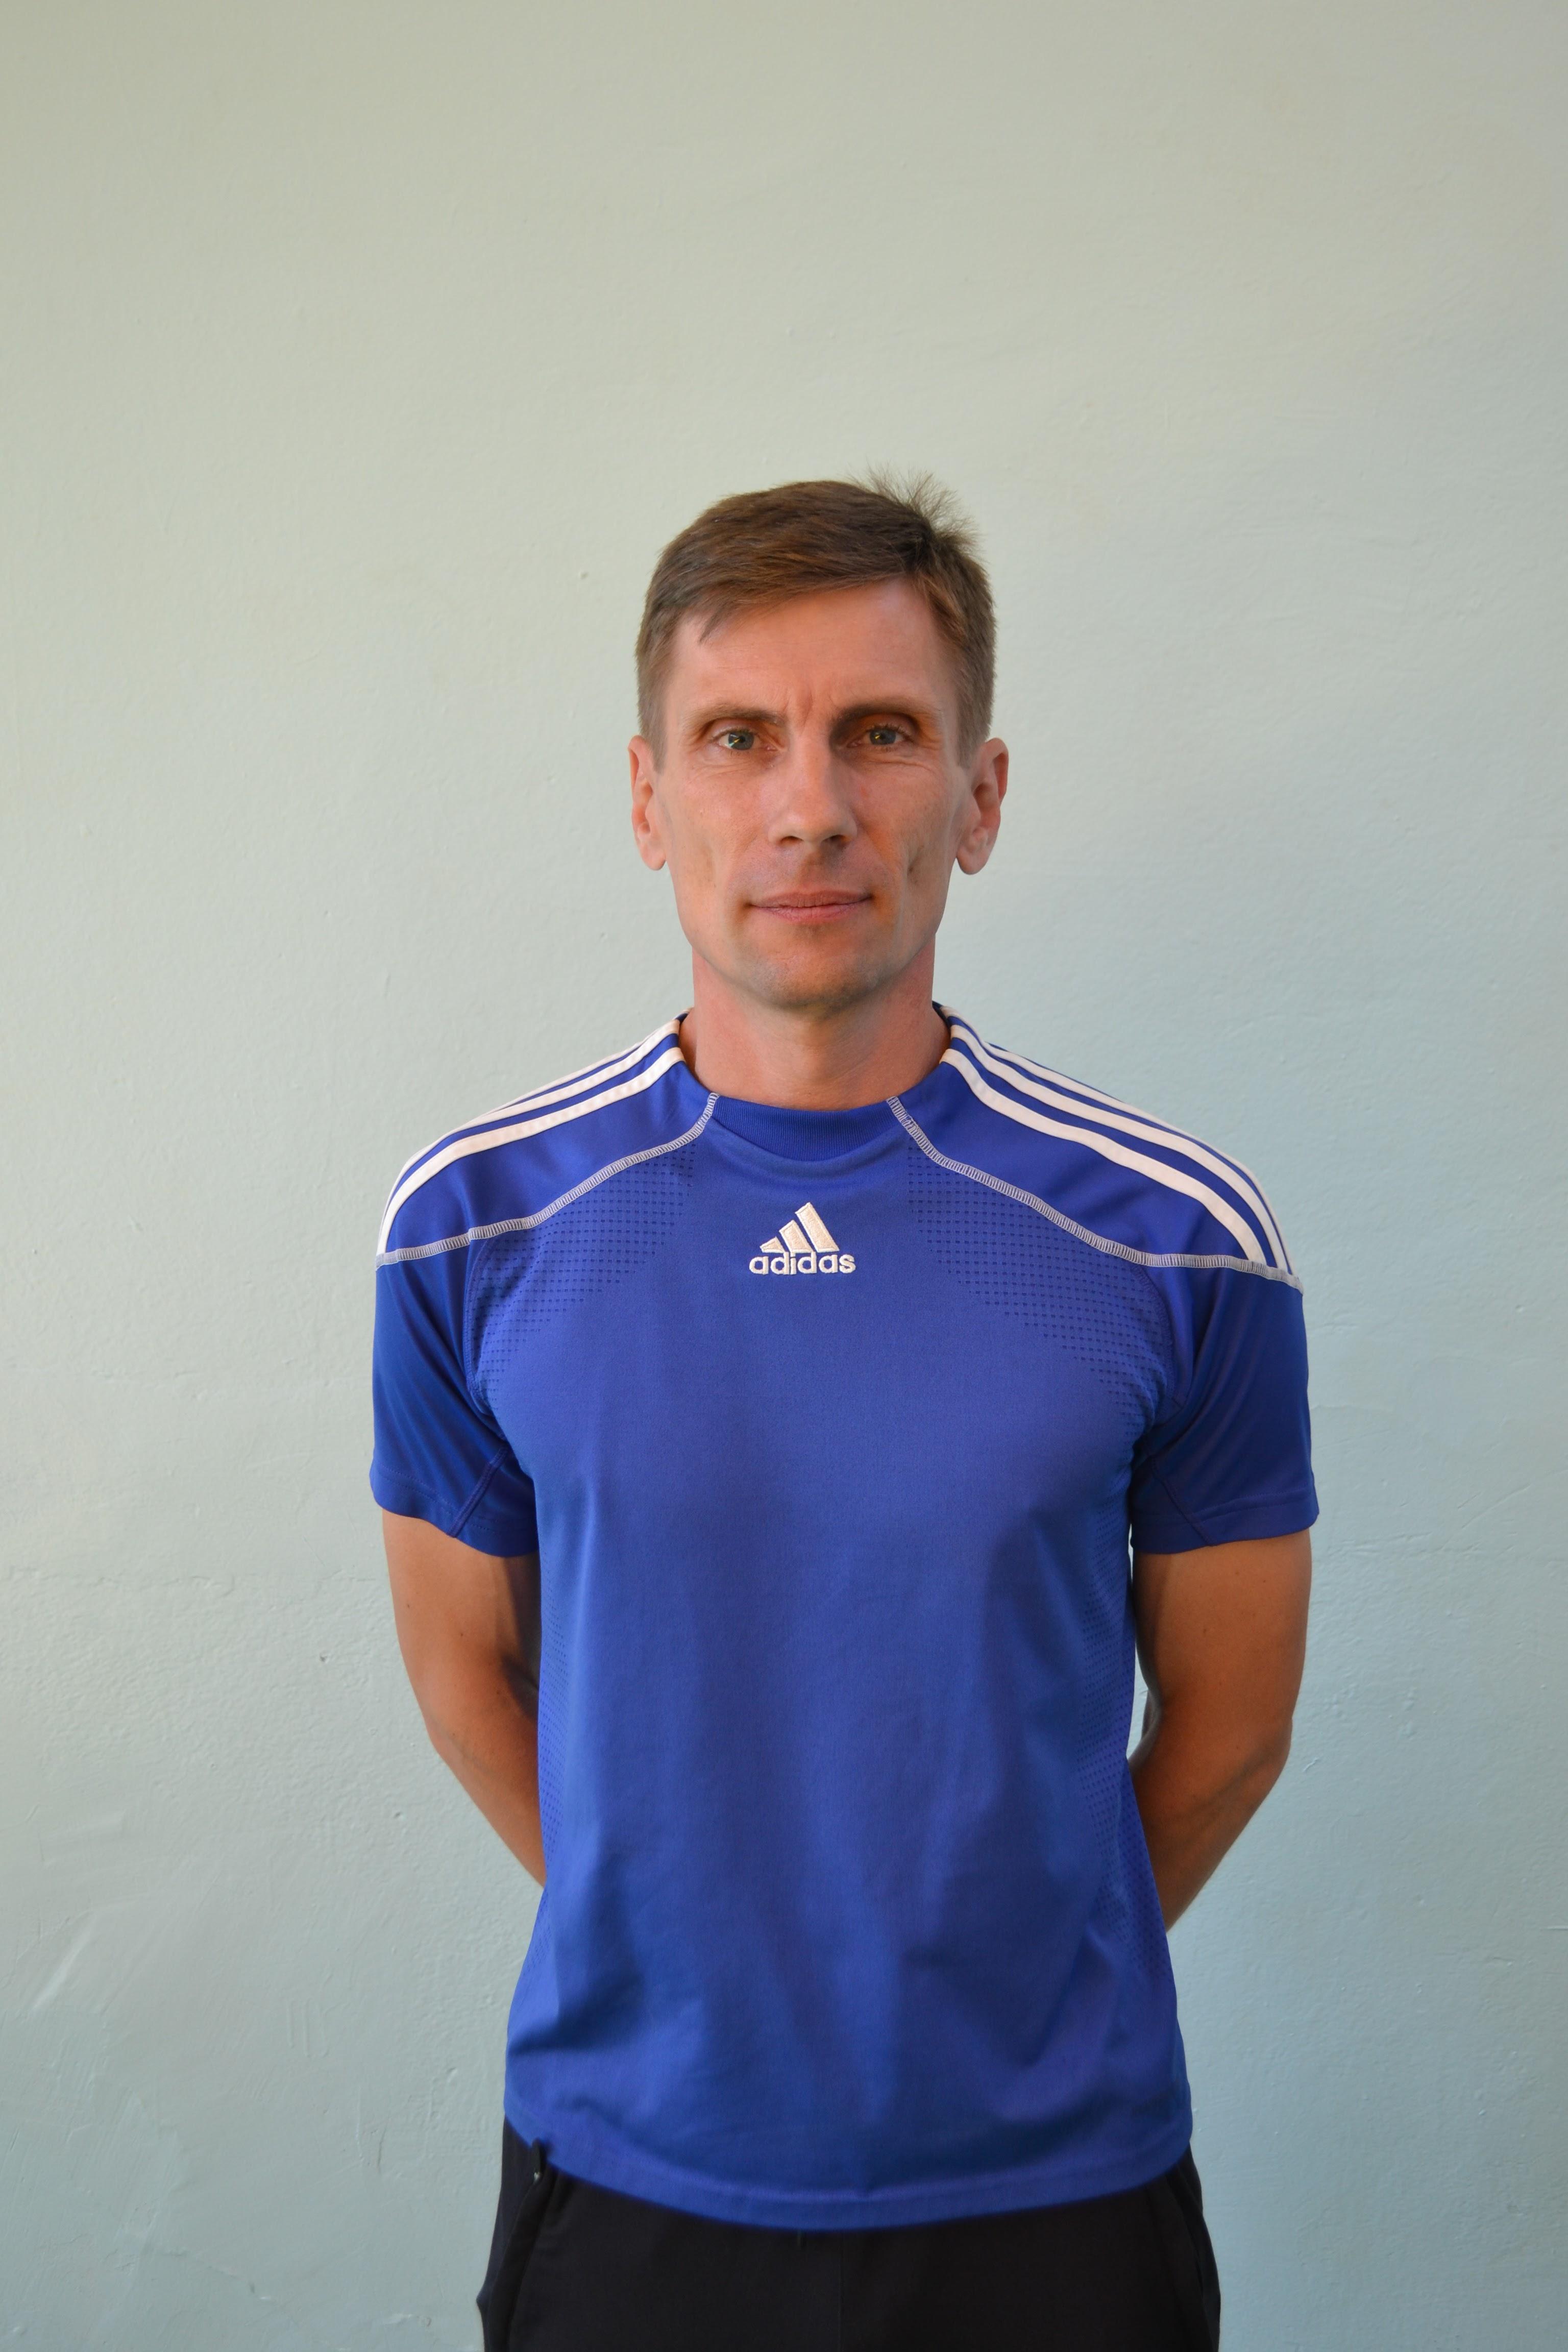 Photo: Сутормін Володимир Вікторович